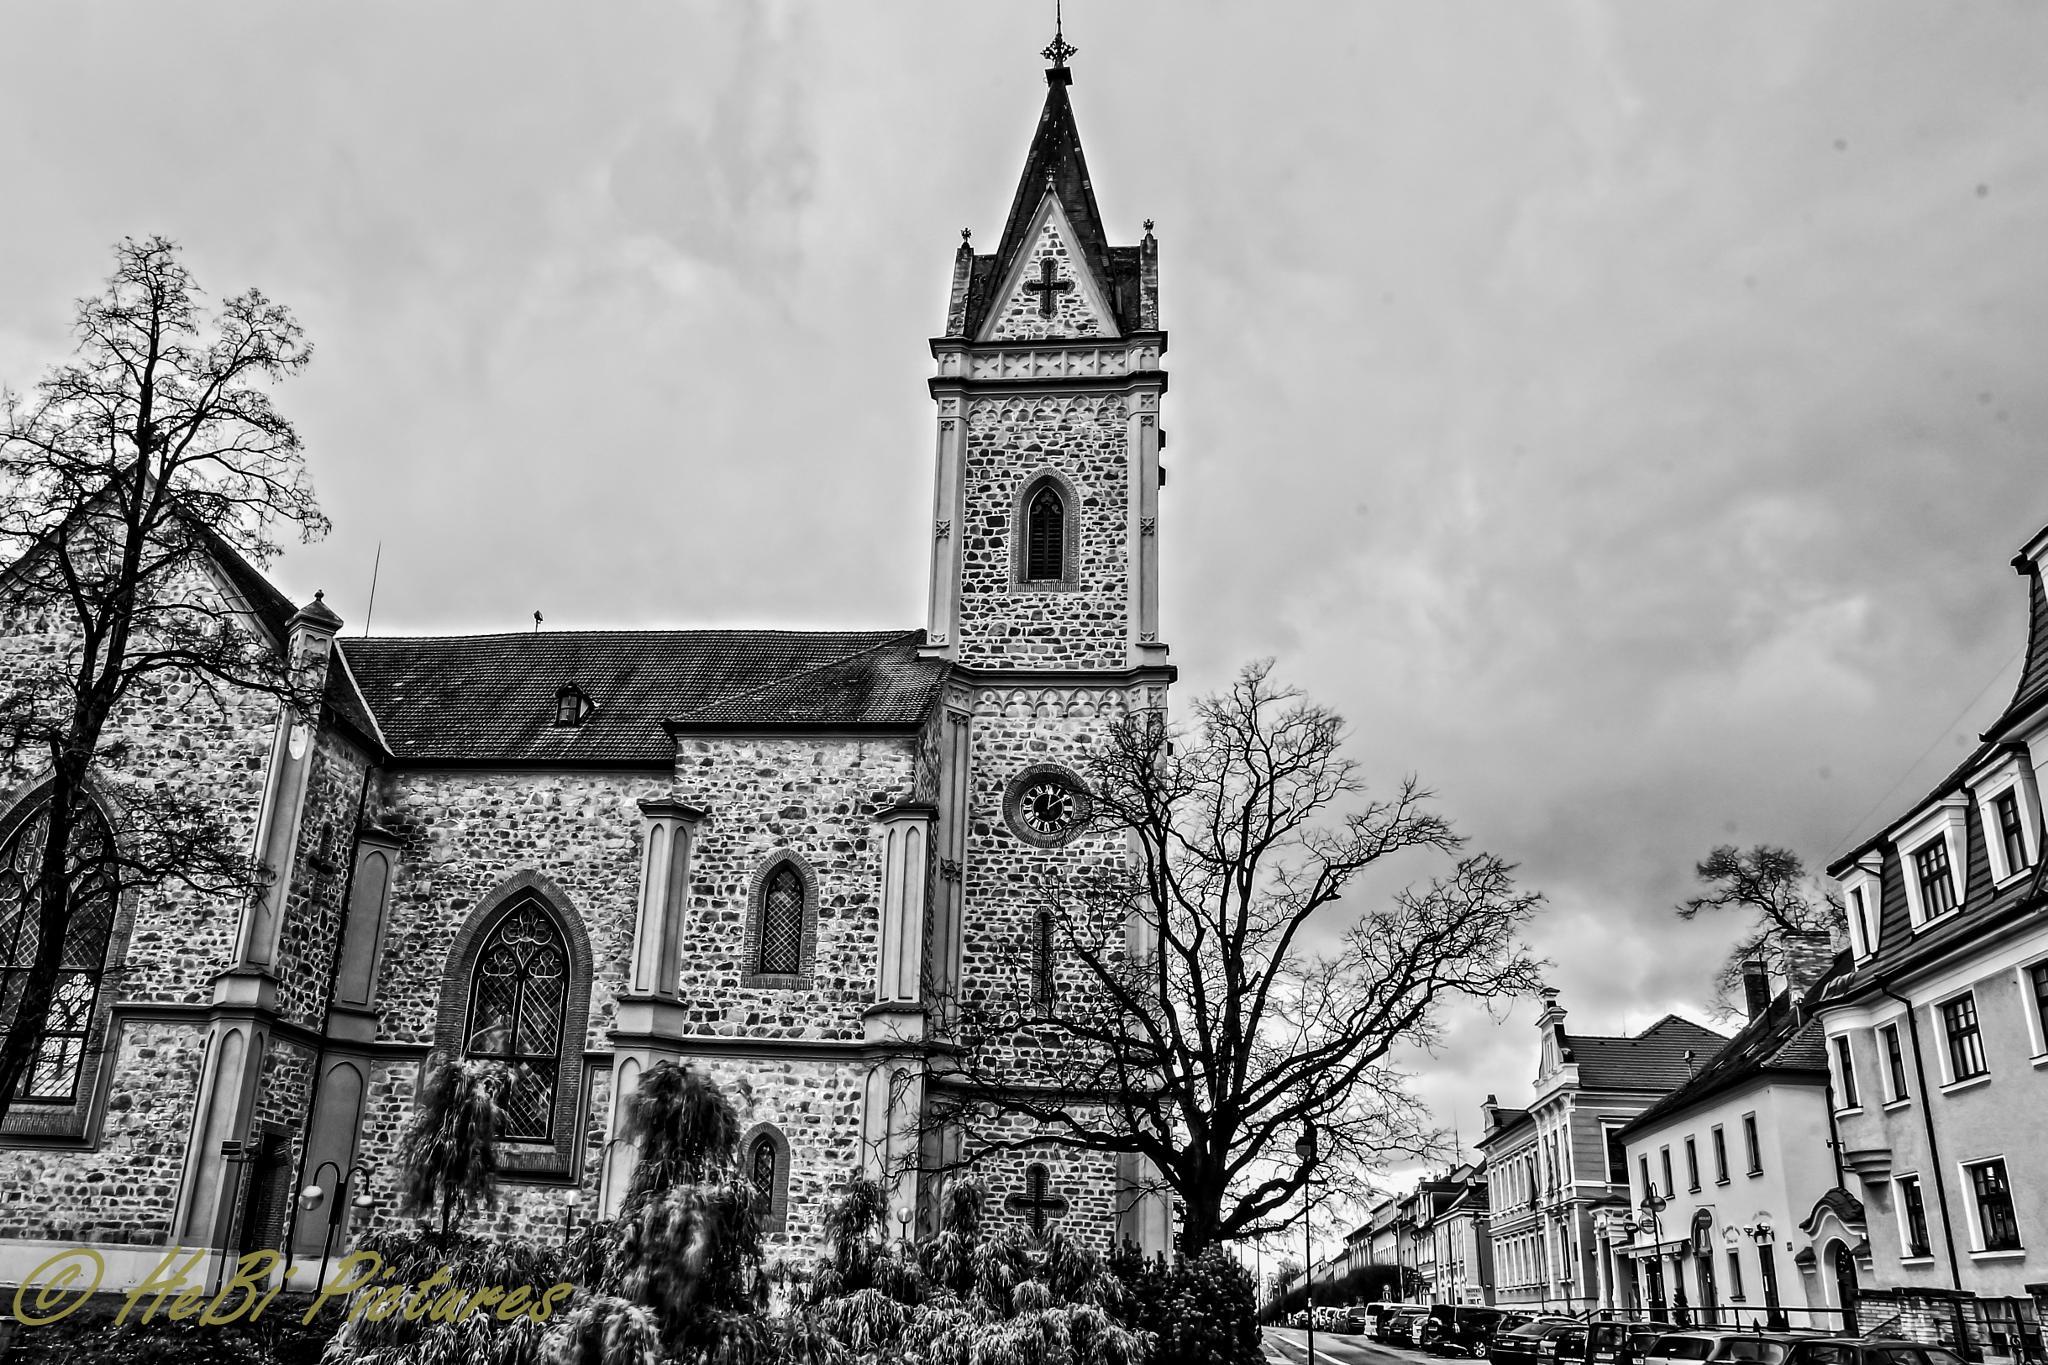 Kirche in Hluboká nad Vltavou by Hesse Photography